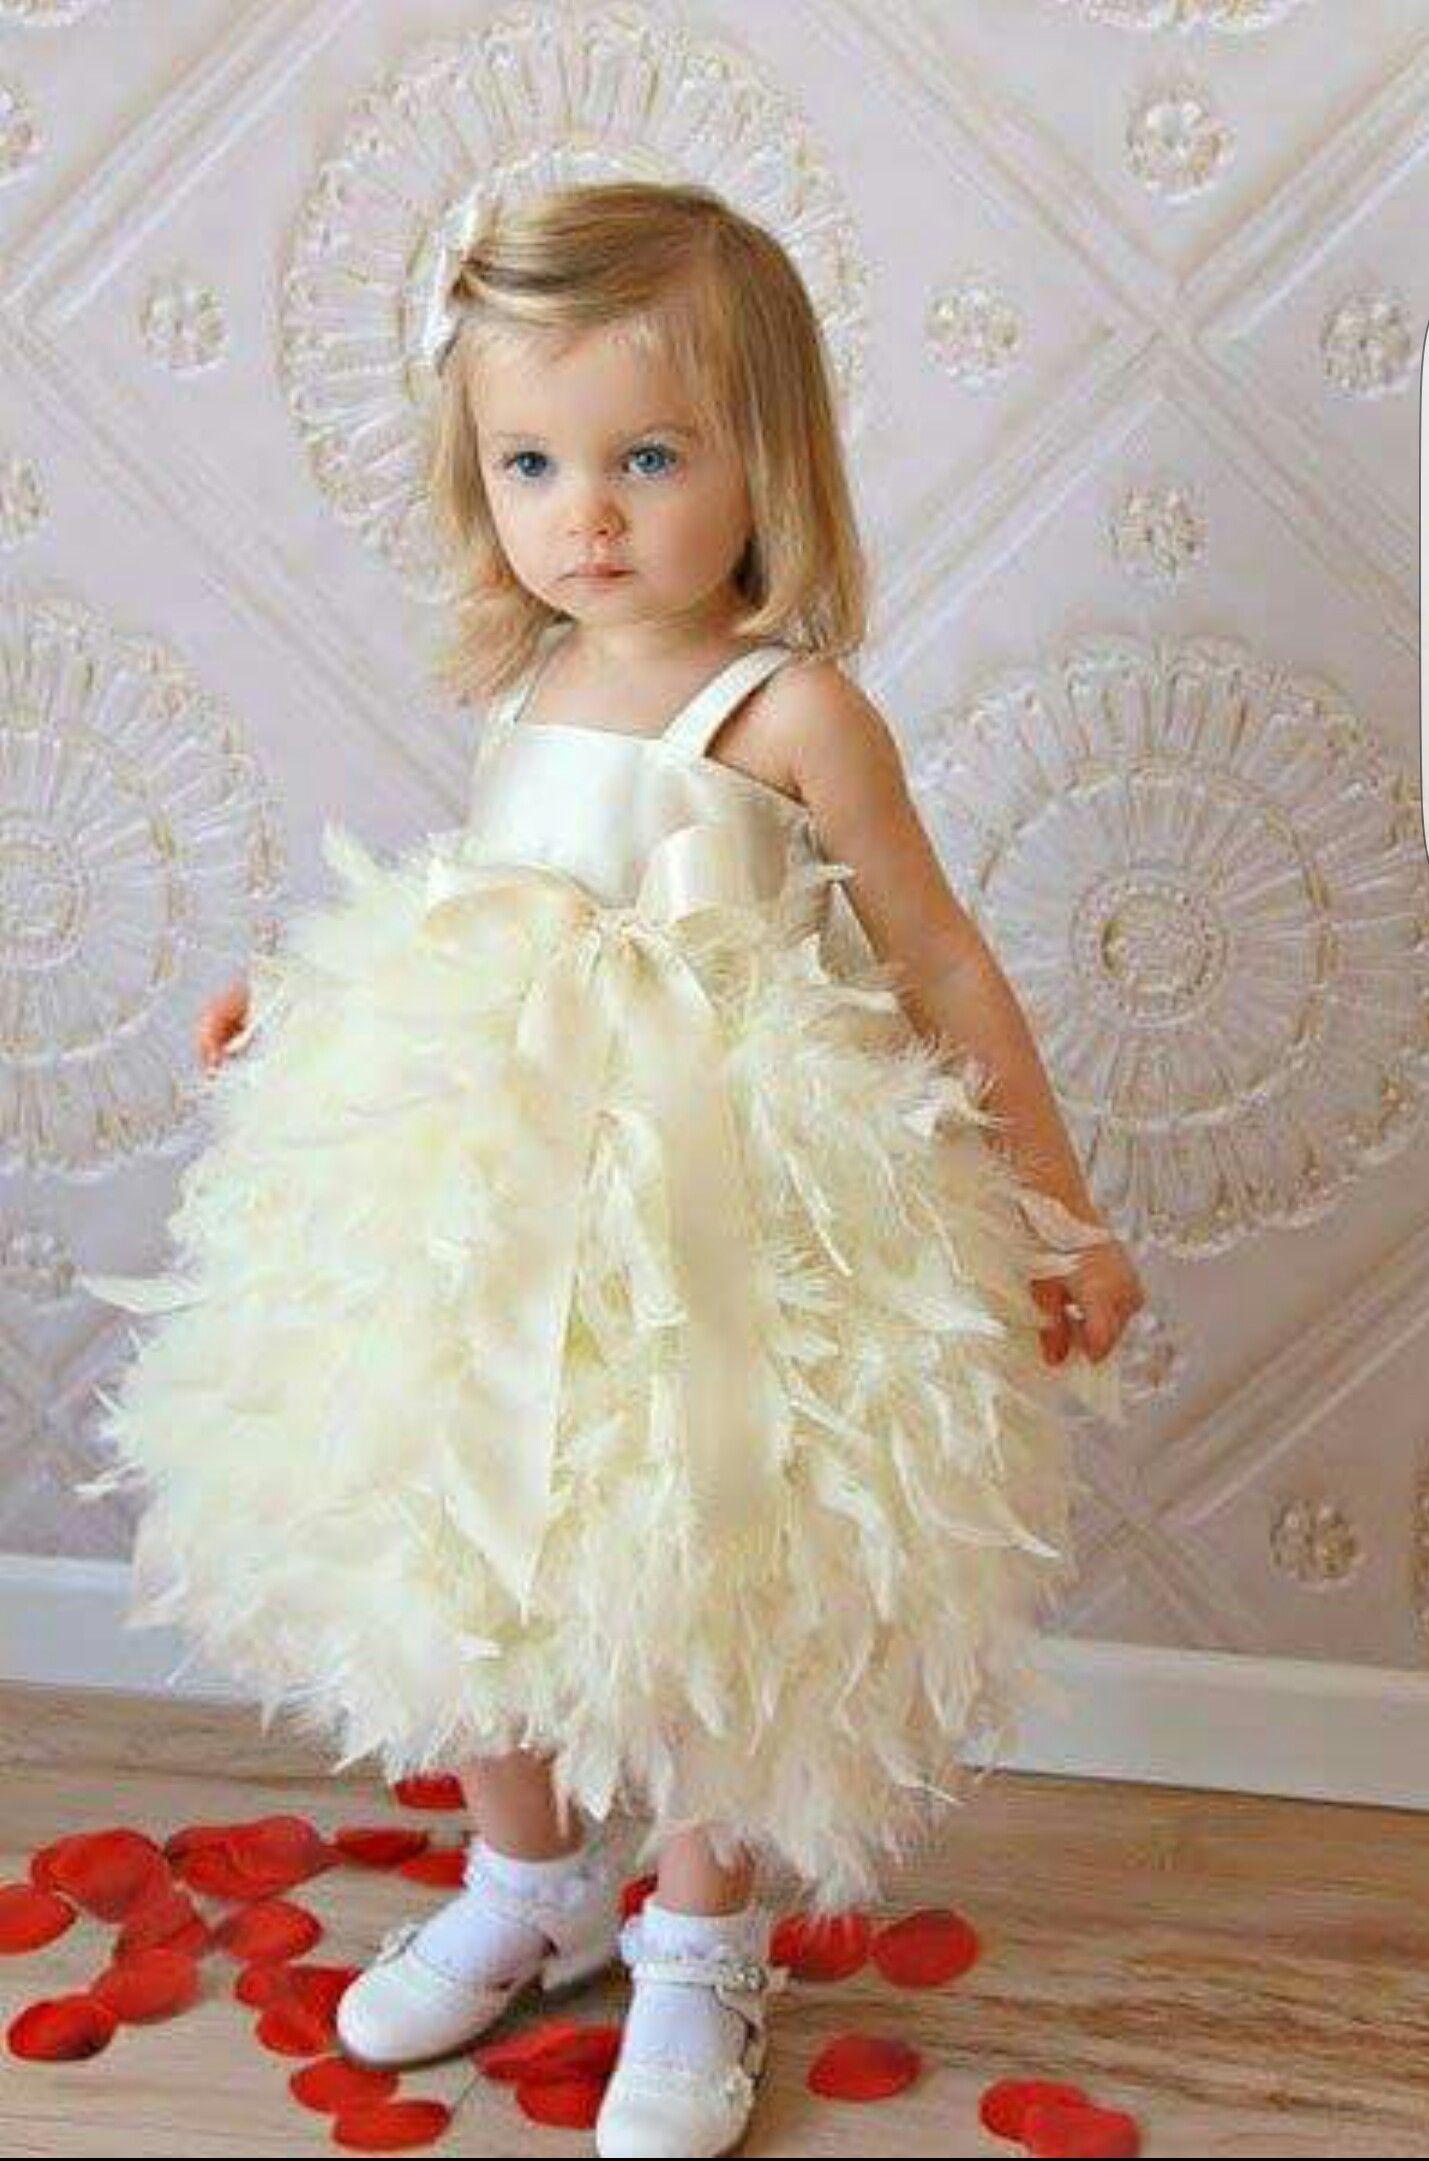 Pin von yuyun dwi auf kids fashion | Pinterest